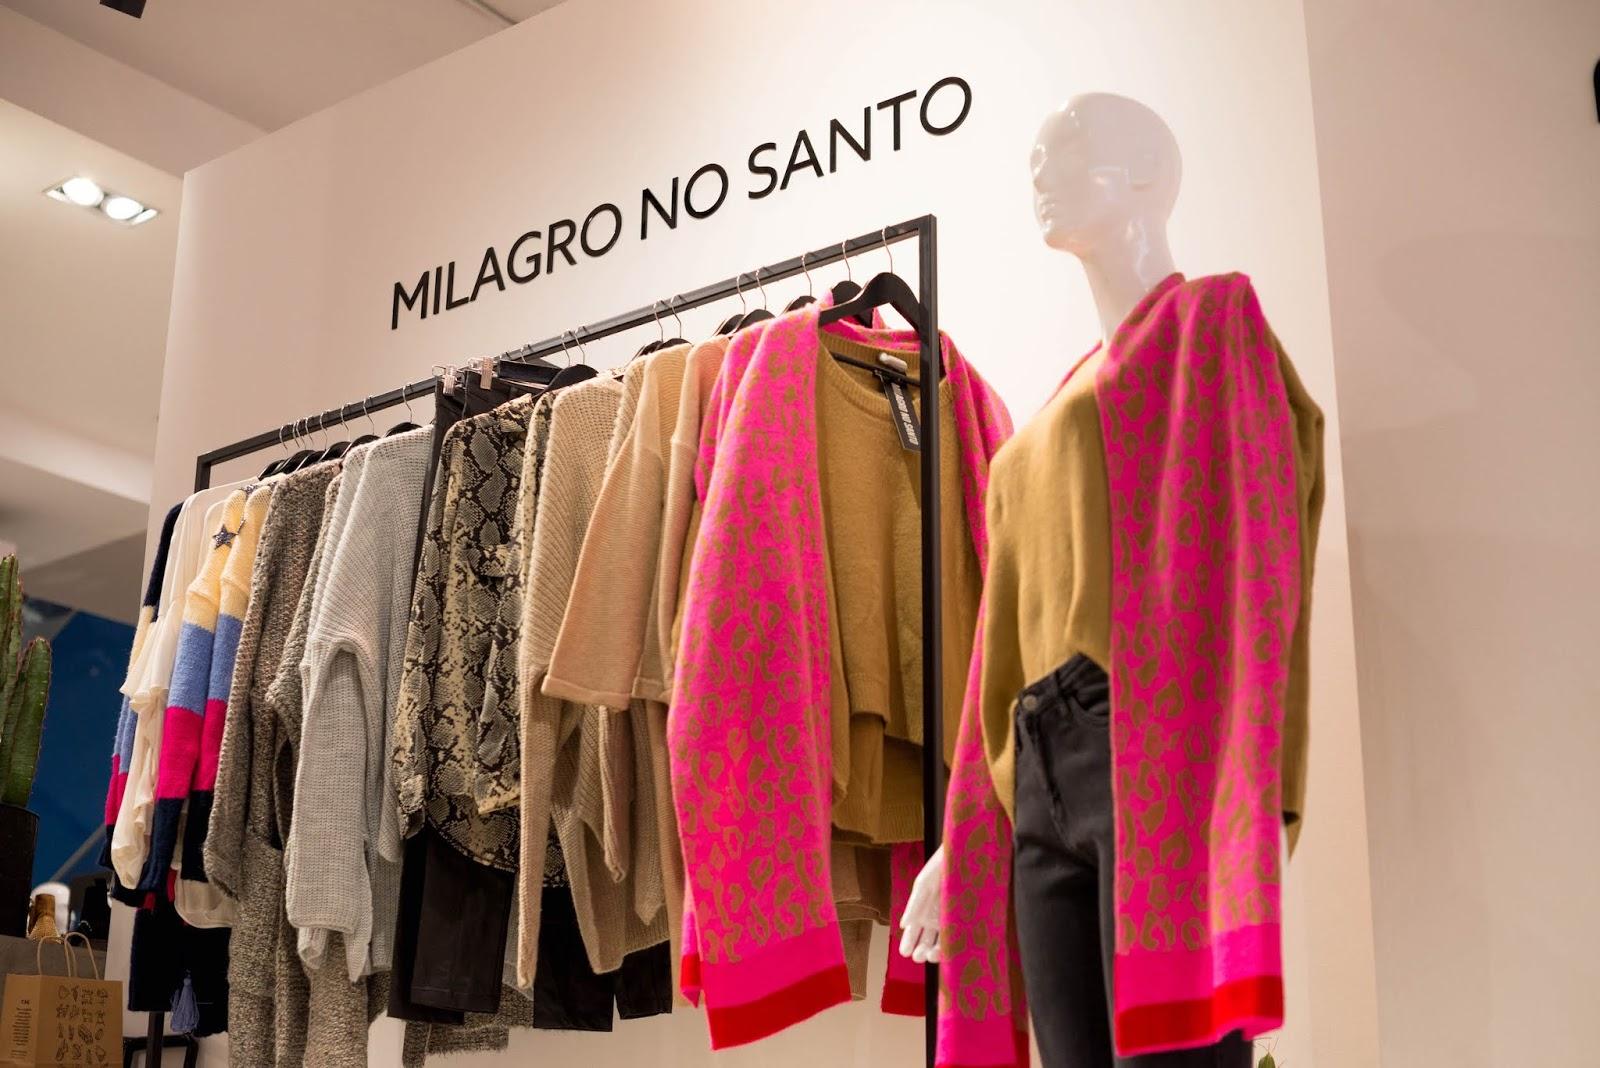 Perchero de marca Milagro No Santo en Concept Store moda chilena en Tiendas Paris Alto Las Condes